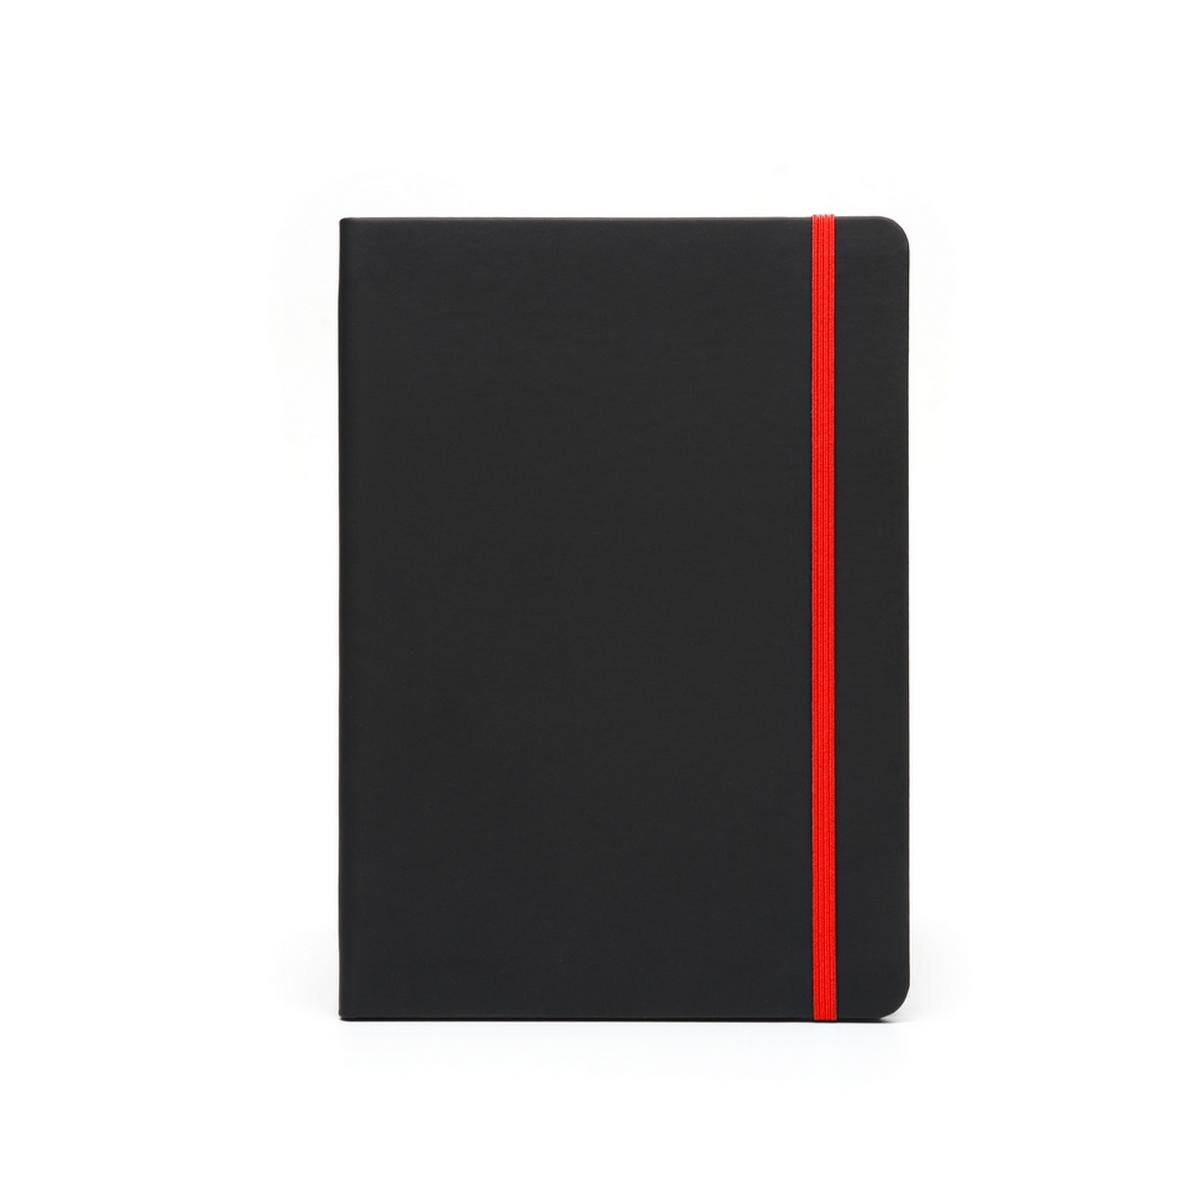 Cuaderno Writer A5 80 hojas Tapa Negra con detalle